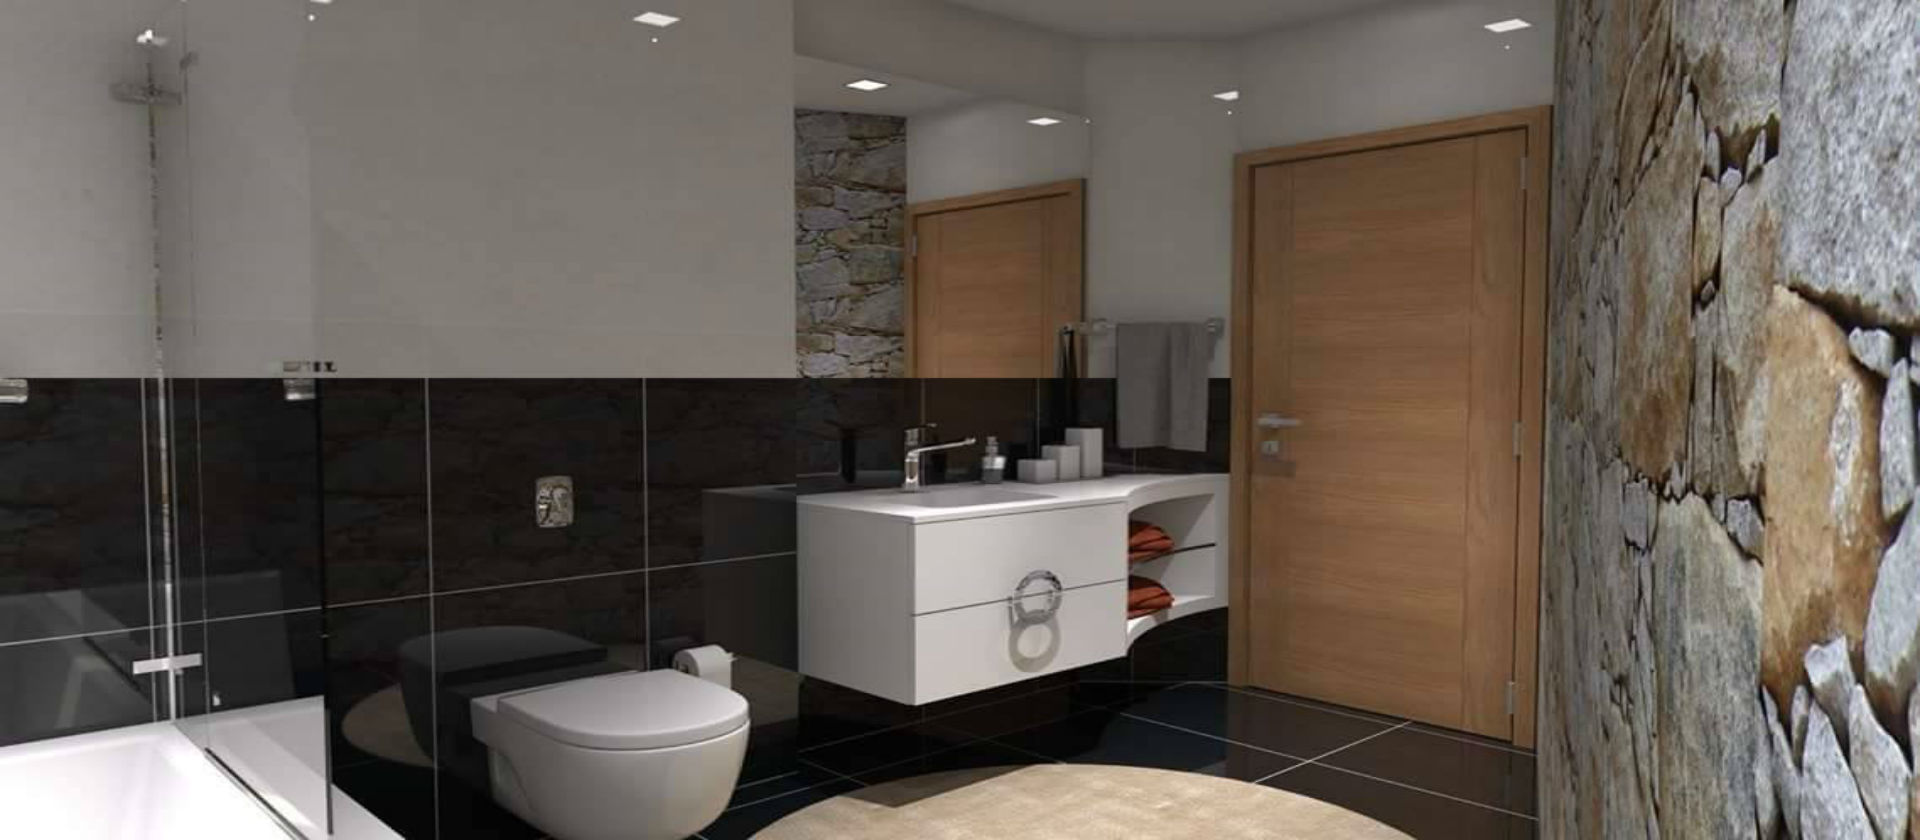 Cozinhas por medida decortime decora o e mobili rio - Decoradores de casa ...